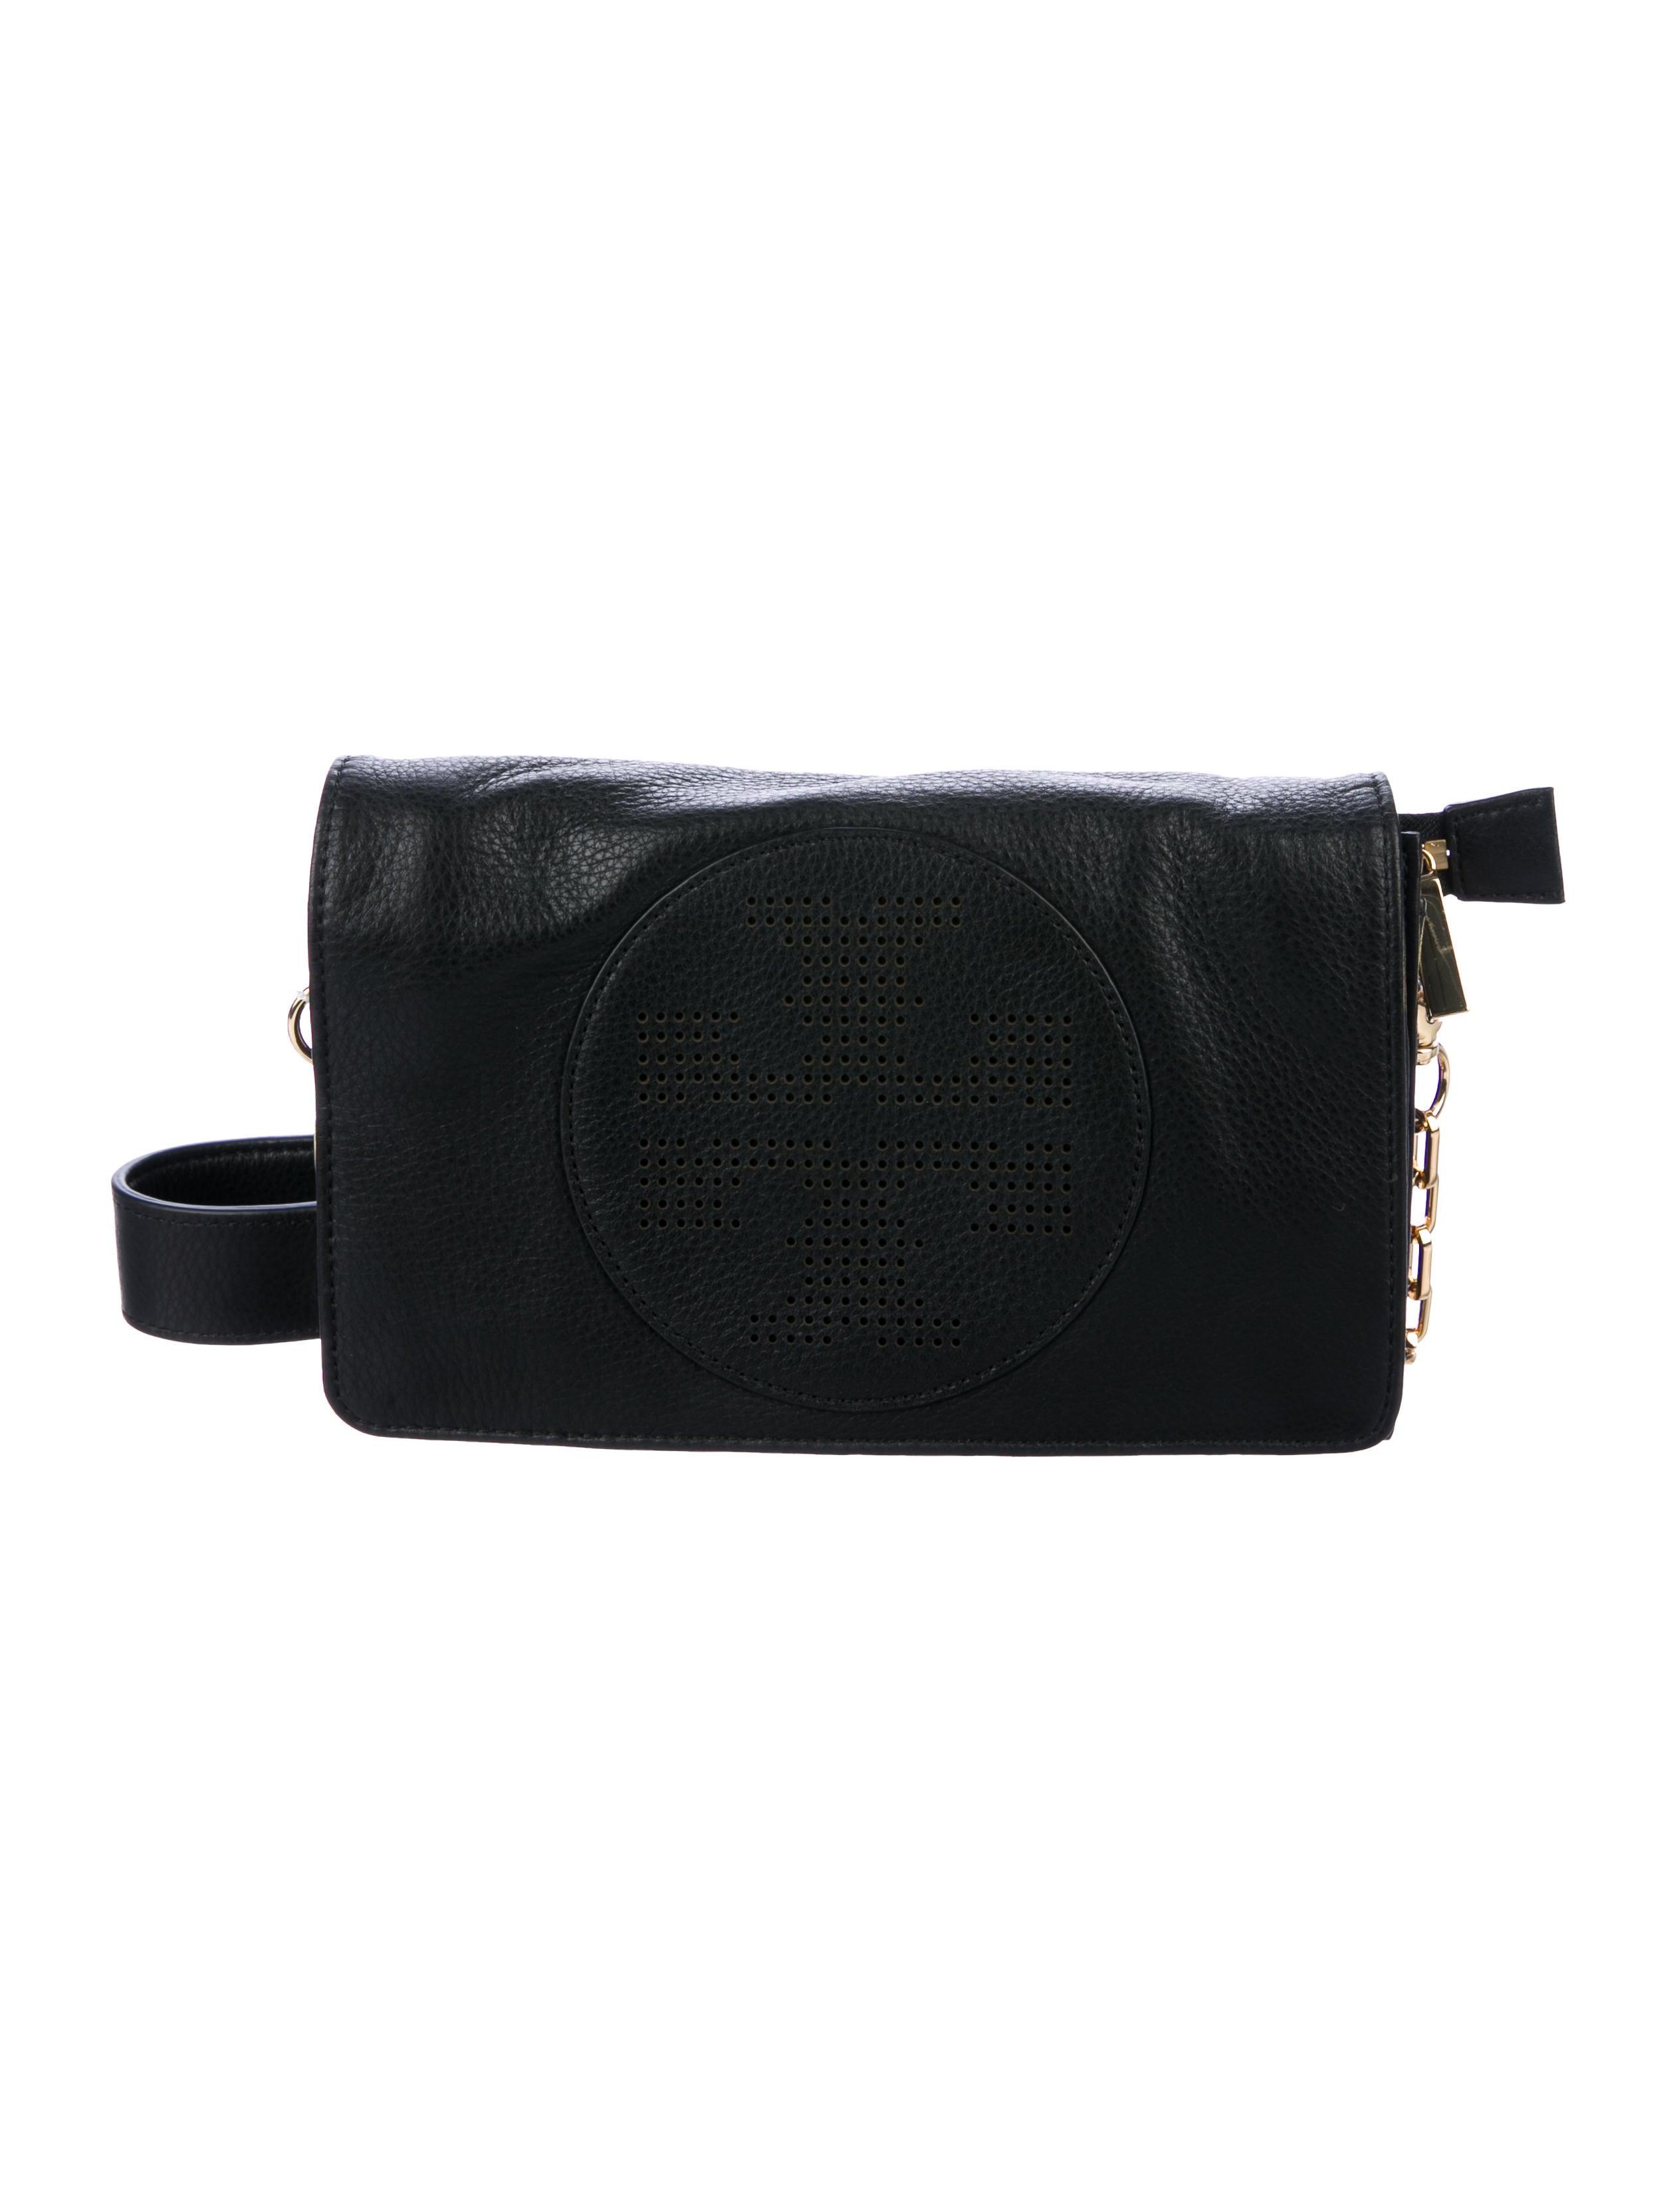 a90a6d8eabc Tory Burch Kipp leather Crossbody Bag - Handbags - WTO145726 | The ...